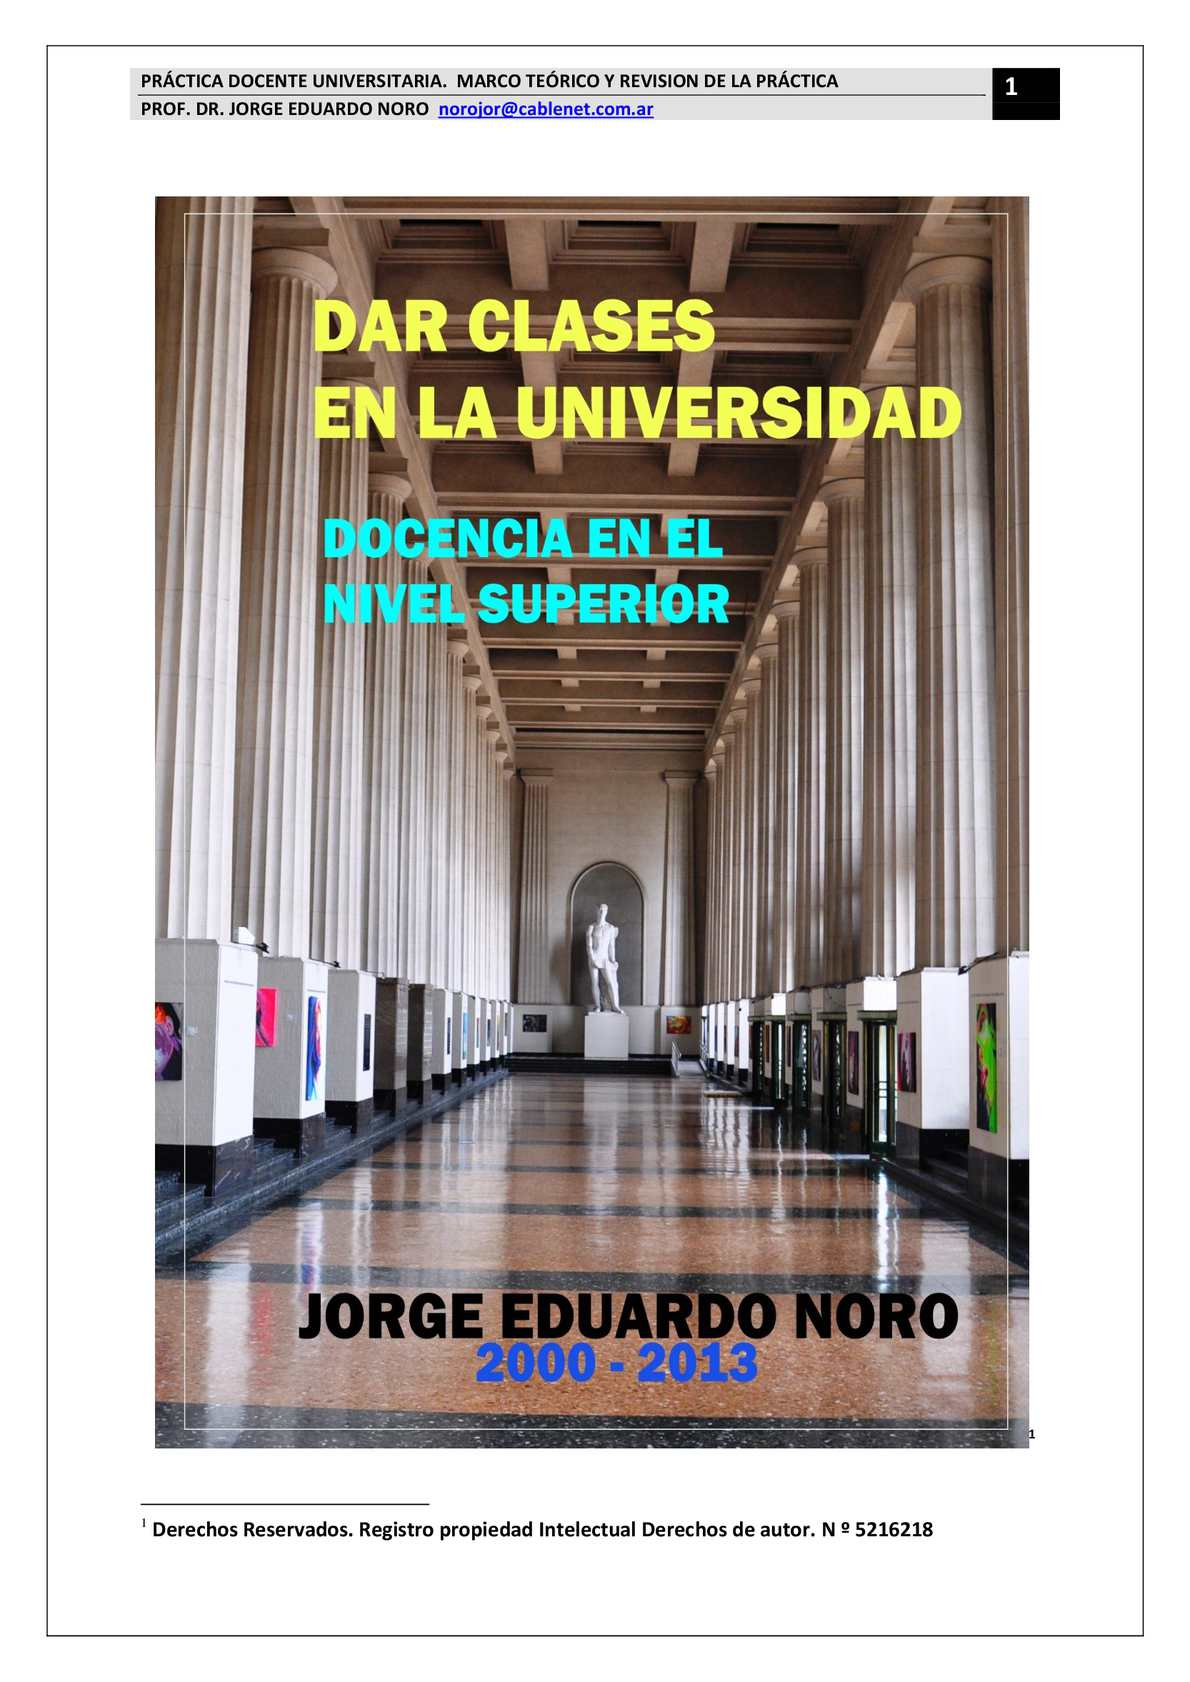 189. DAR CLASES EN LA UNIVERDAD. DOCENCIA EN EL NIVEL SUPERIOR